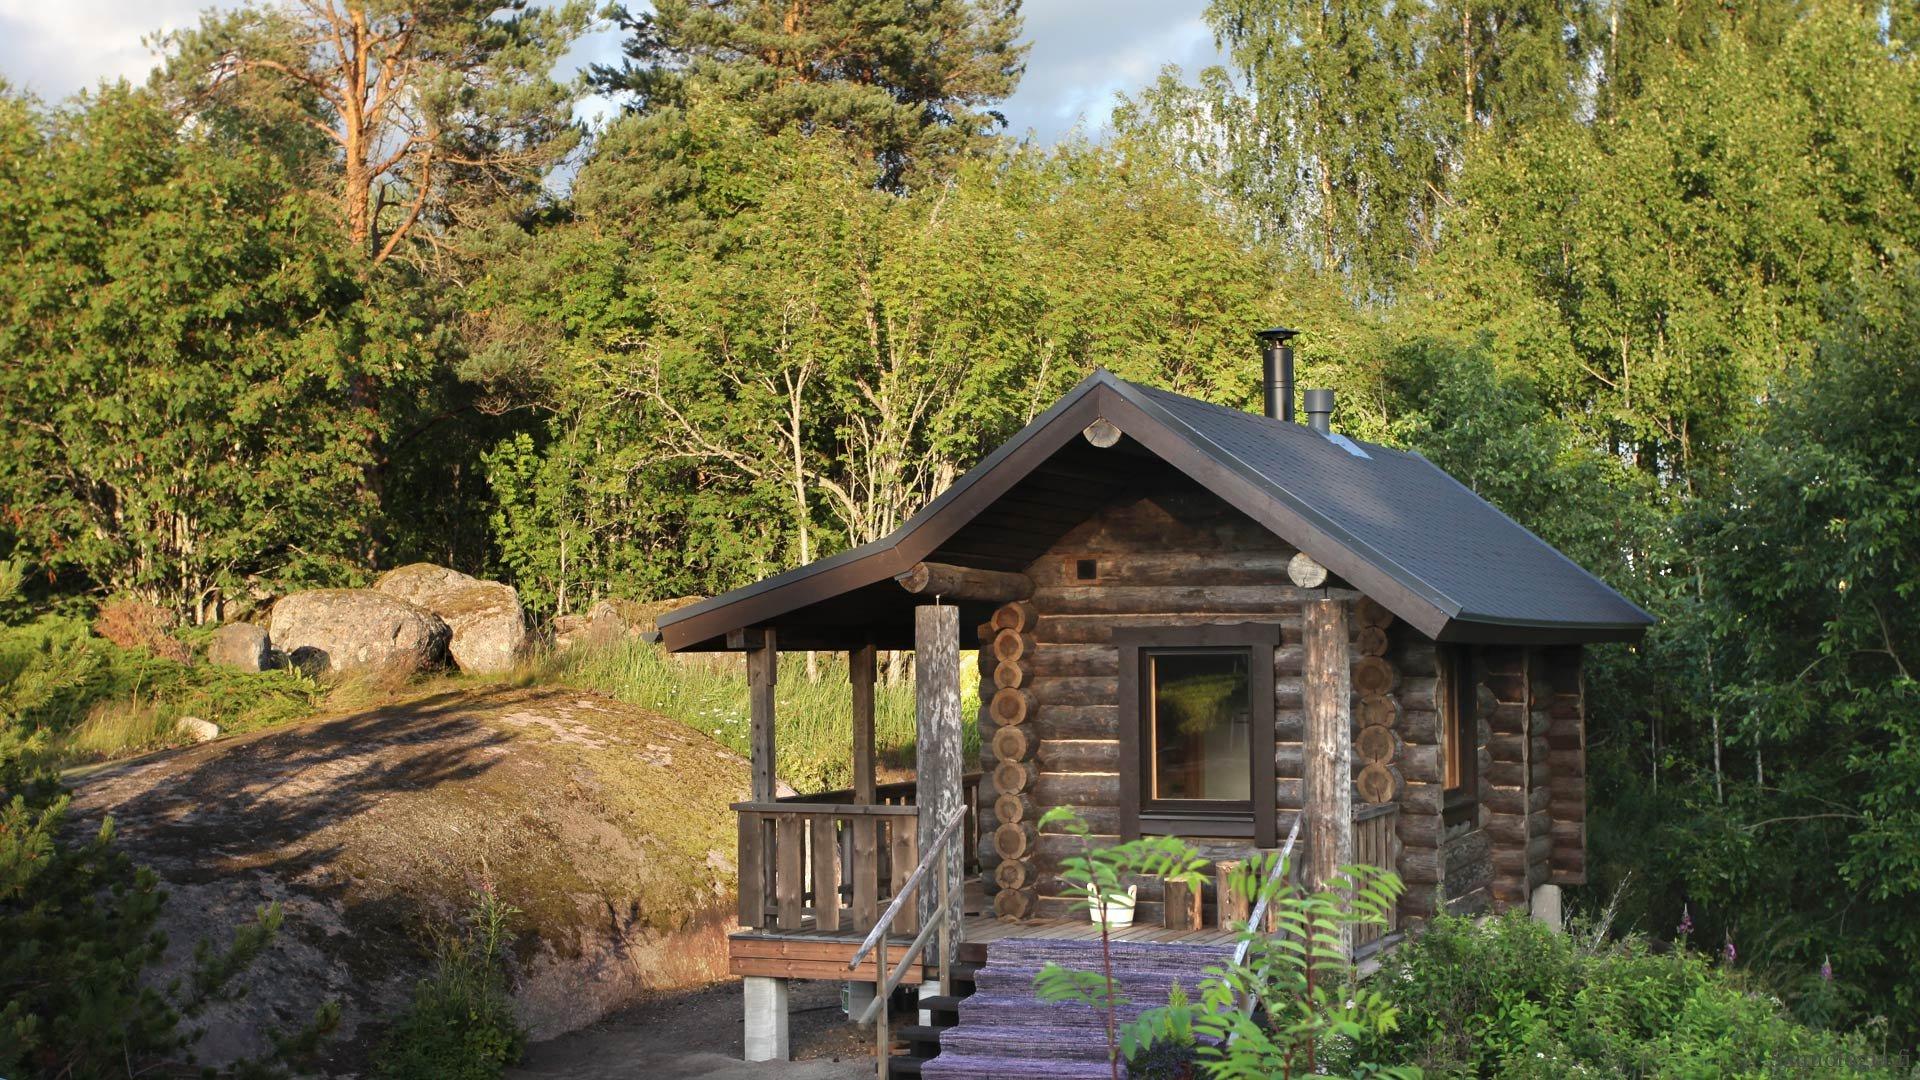 Esittelyssä valmistunut Suvikallion sauna – trofeesauna ja hybridisauna